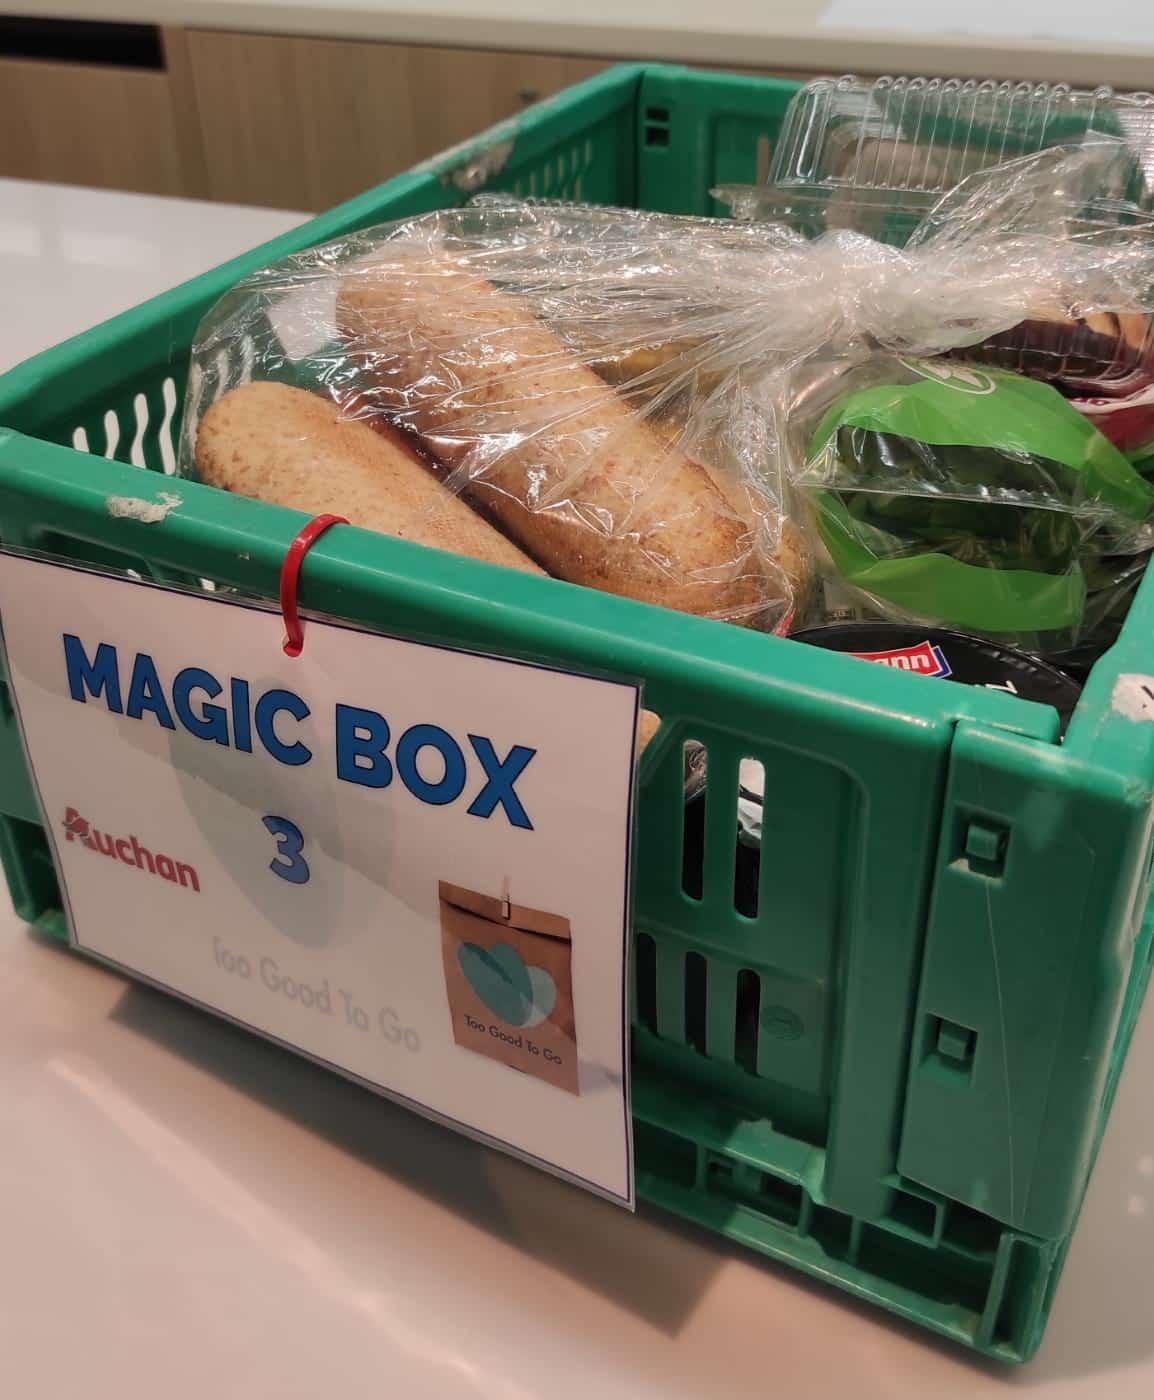 Magic Box do Auchan